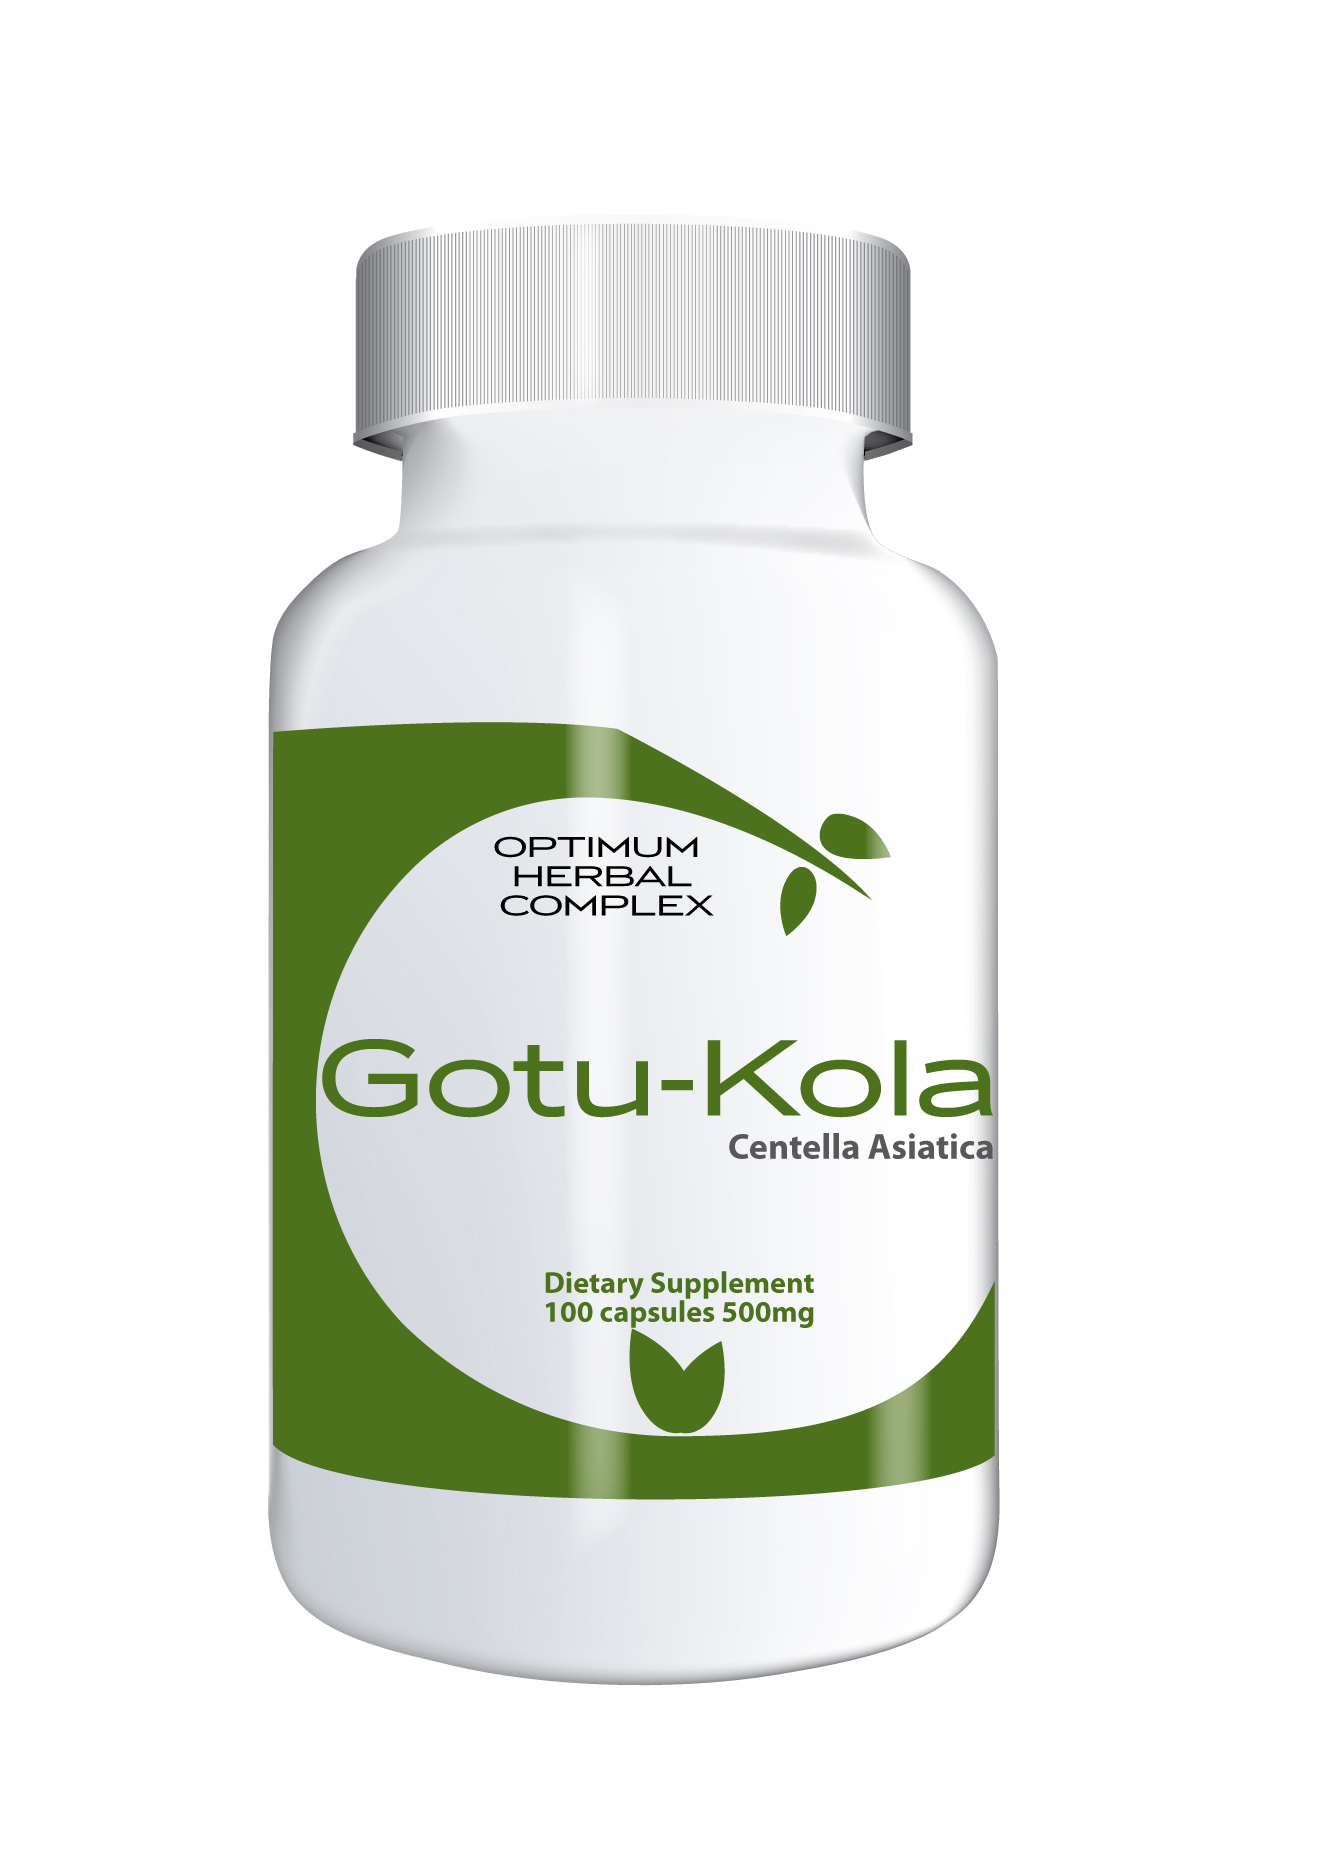 Gotu-Kola 100 capsules 500mg